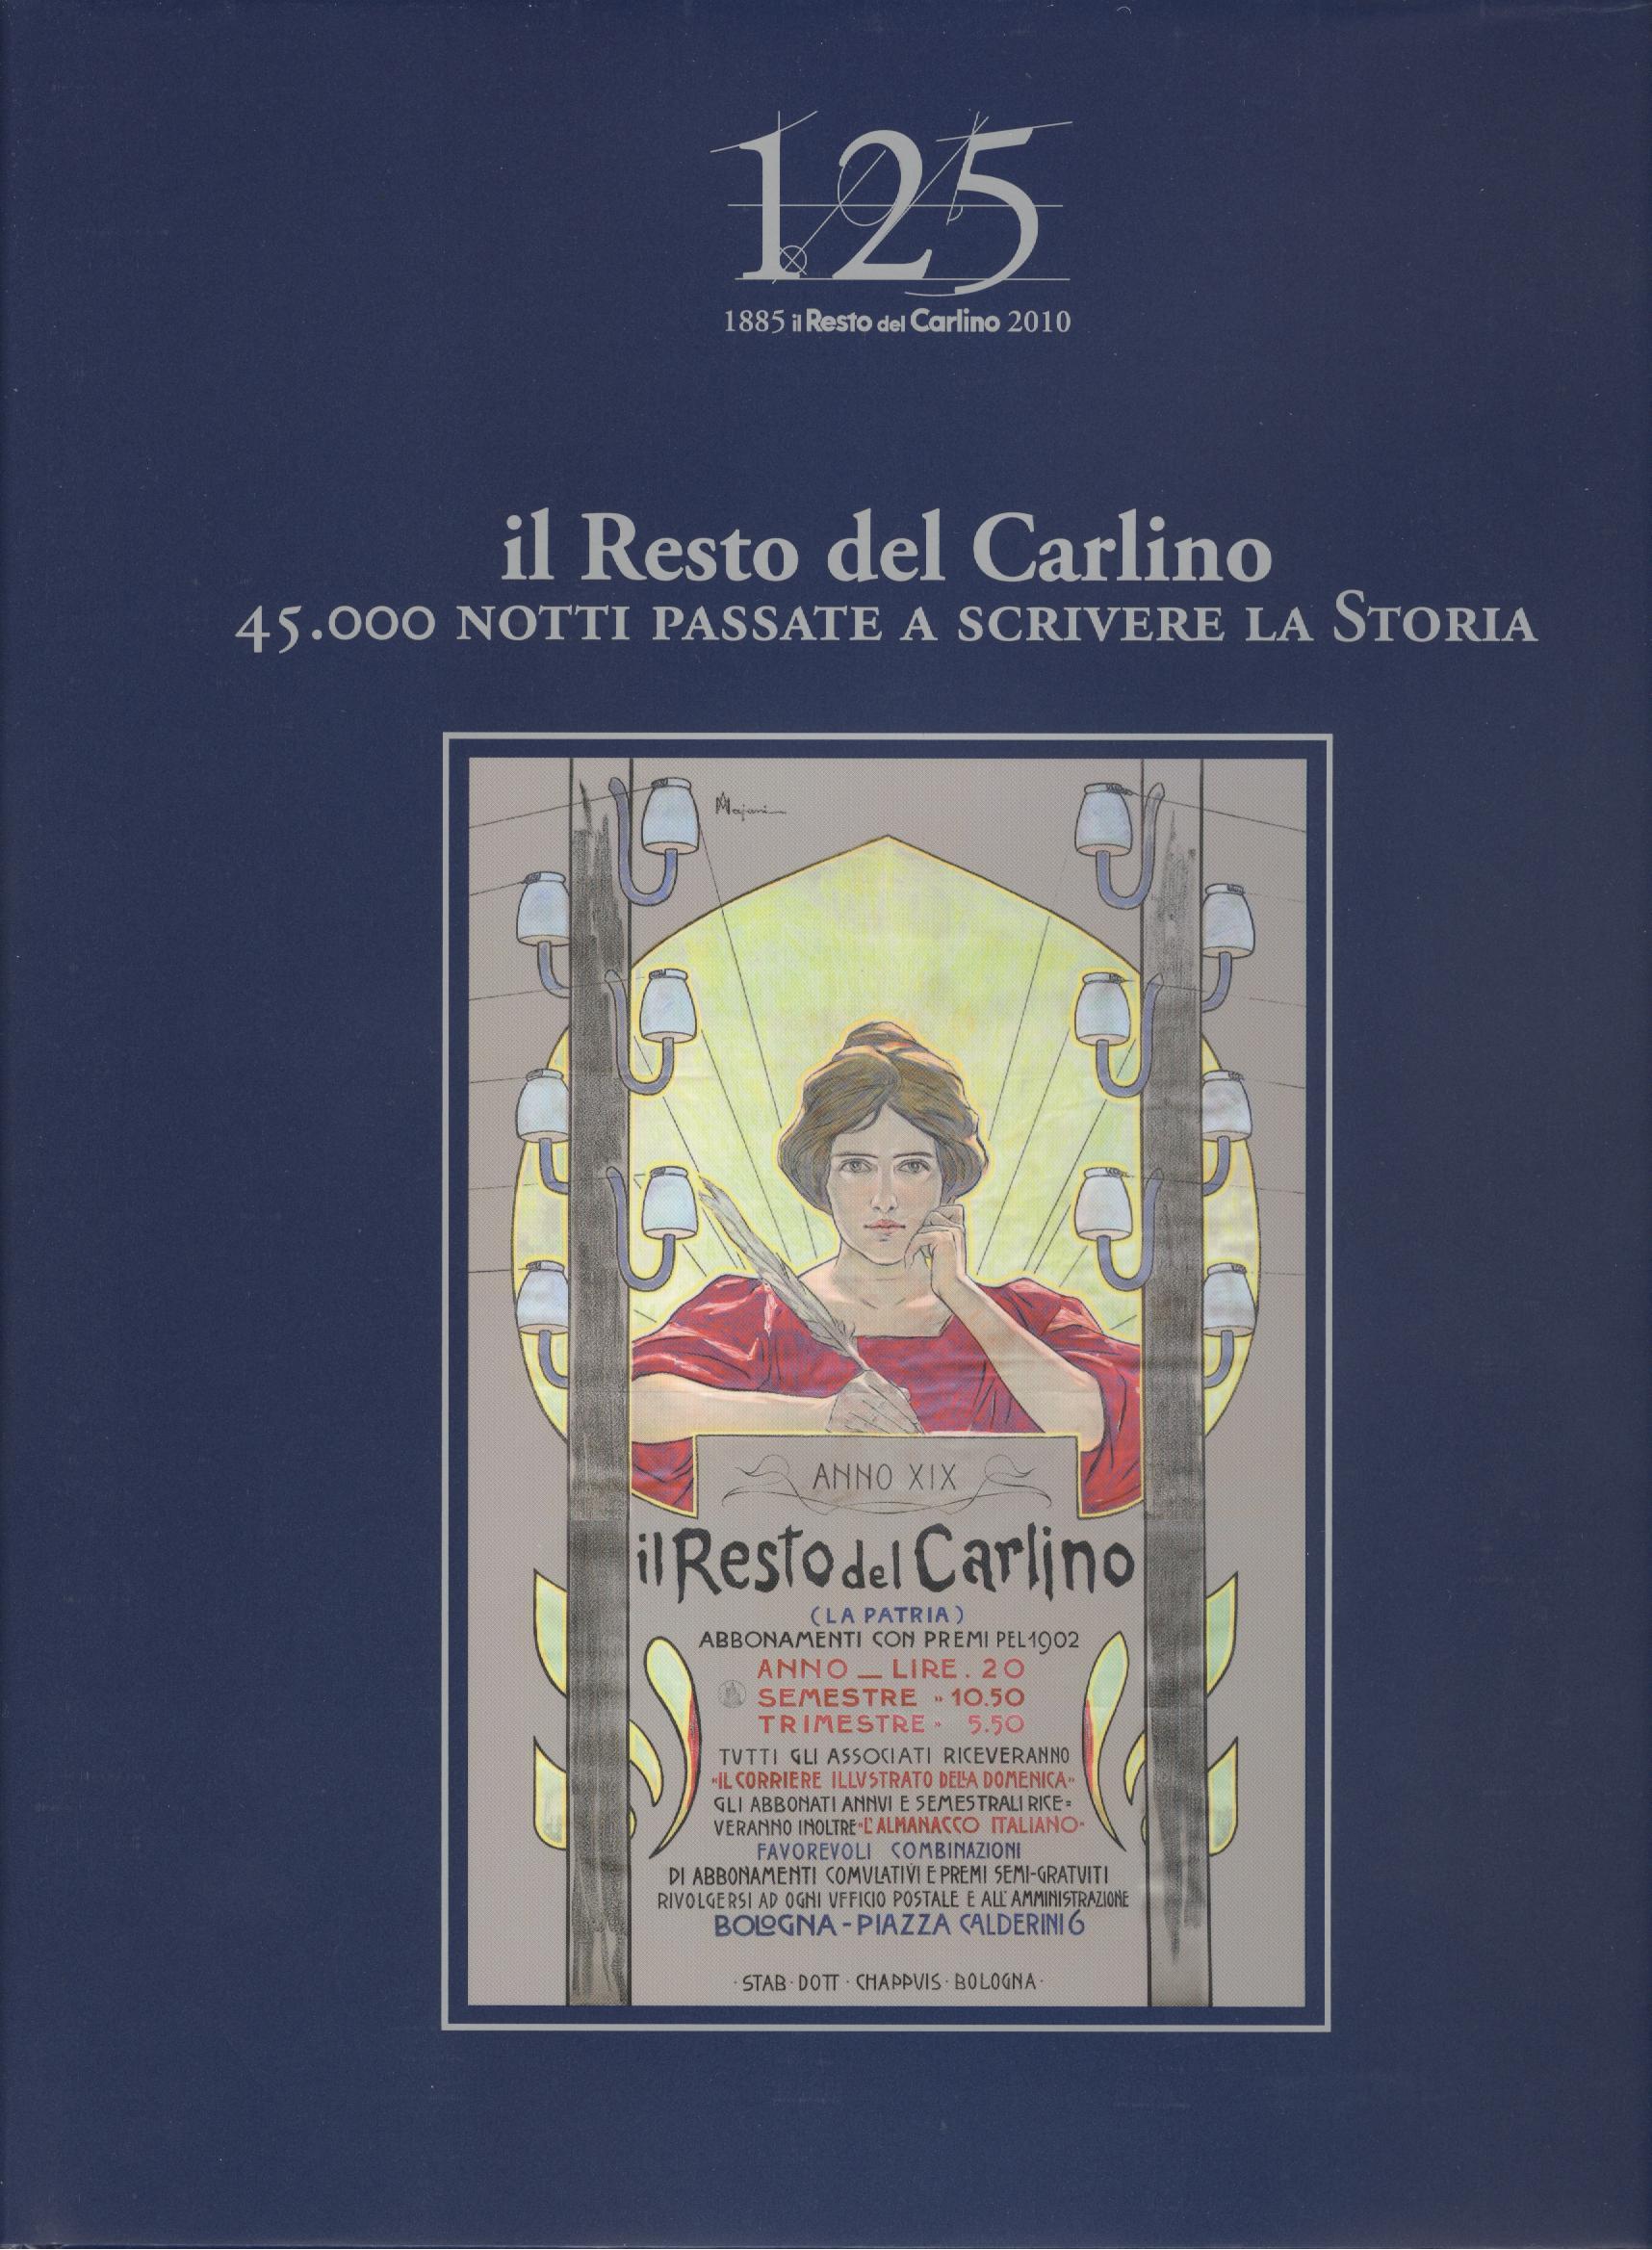 Il Resto del Carlino : 45.000 notti a scrivere la Storia